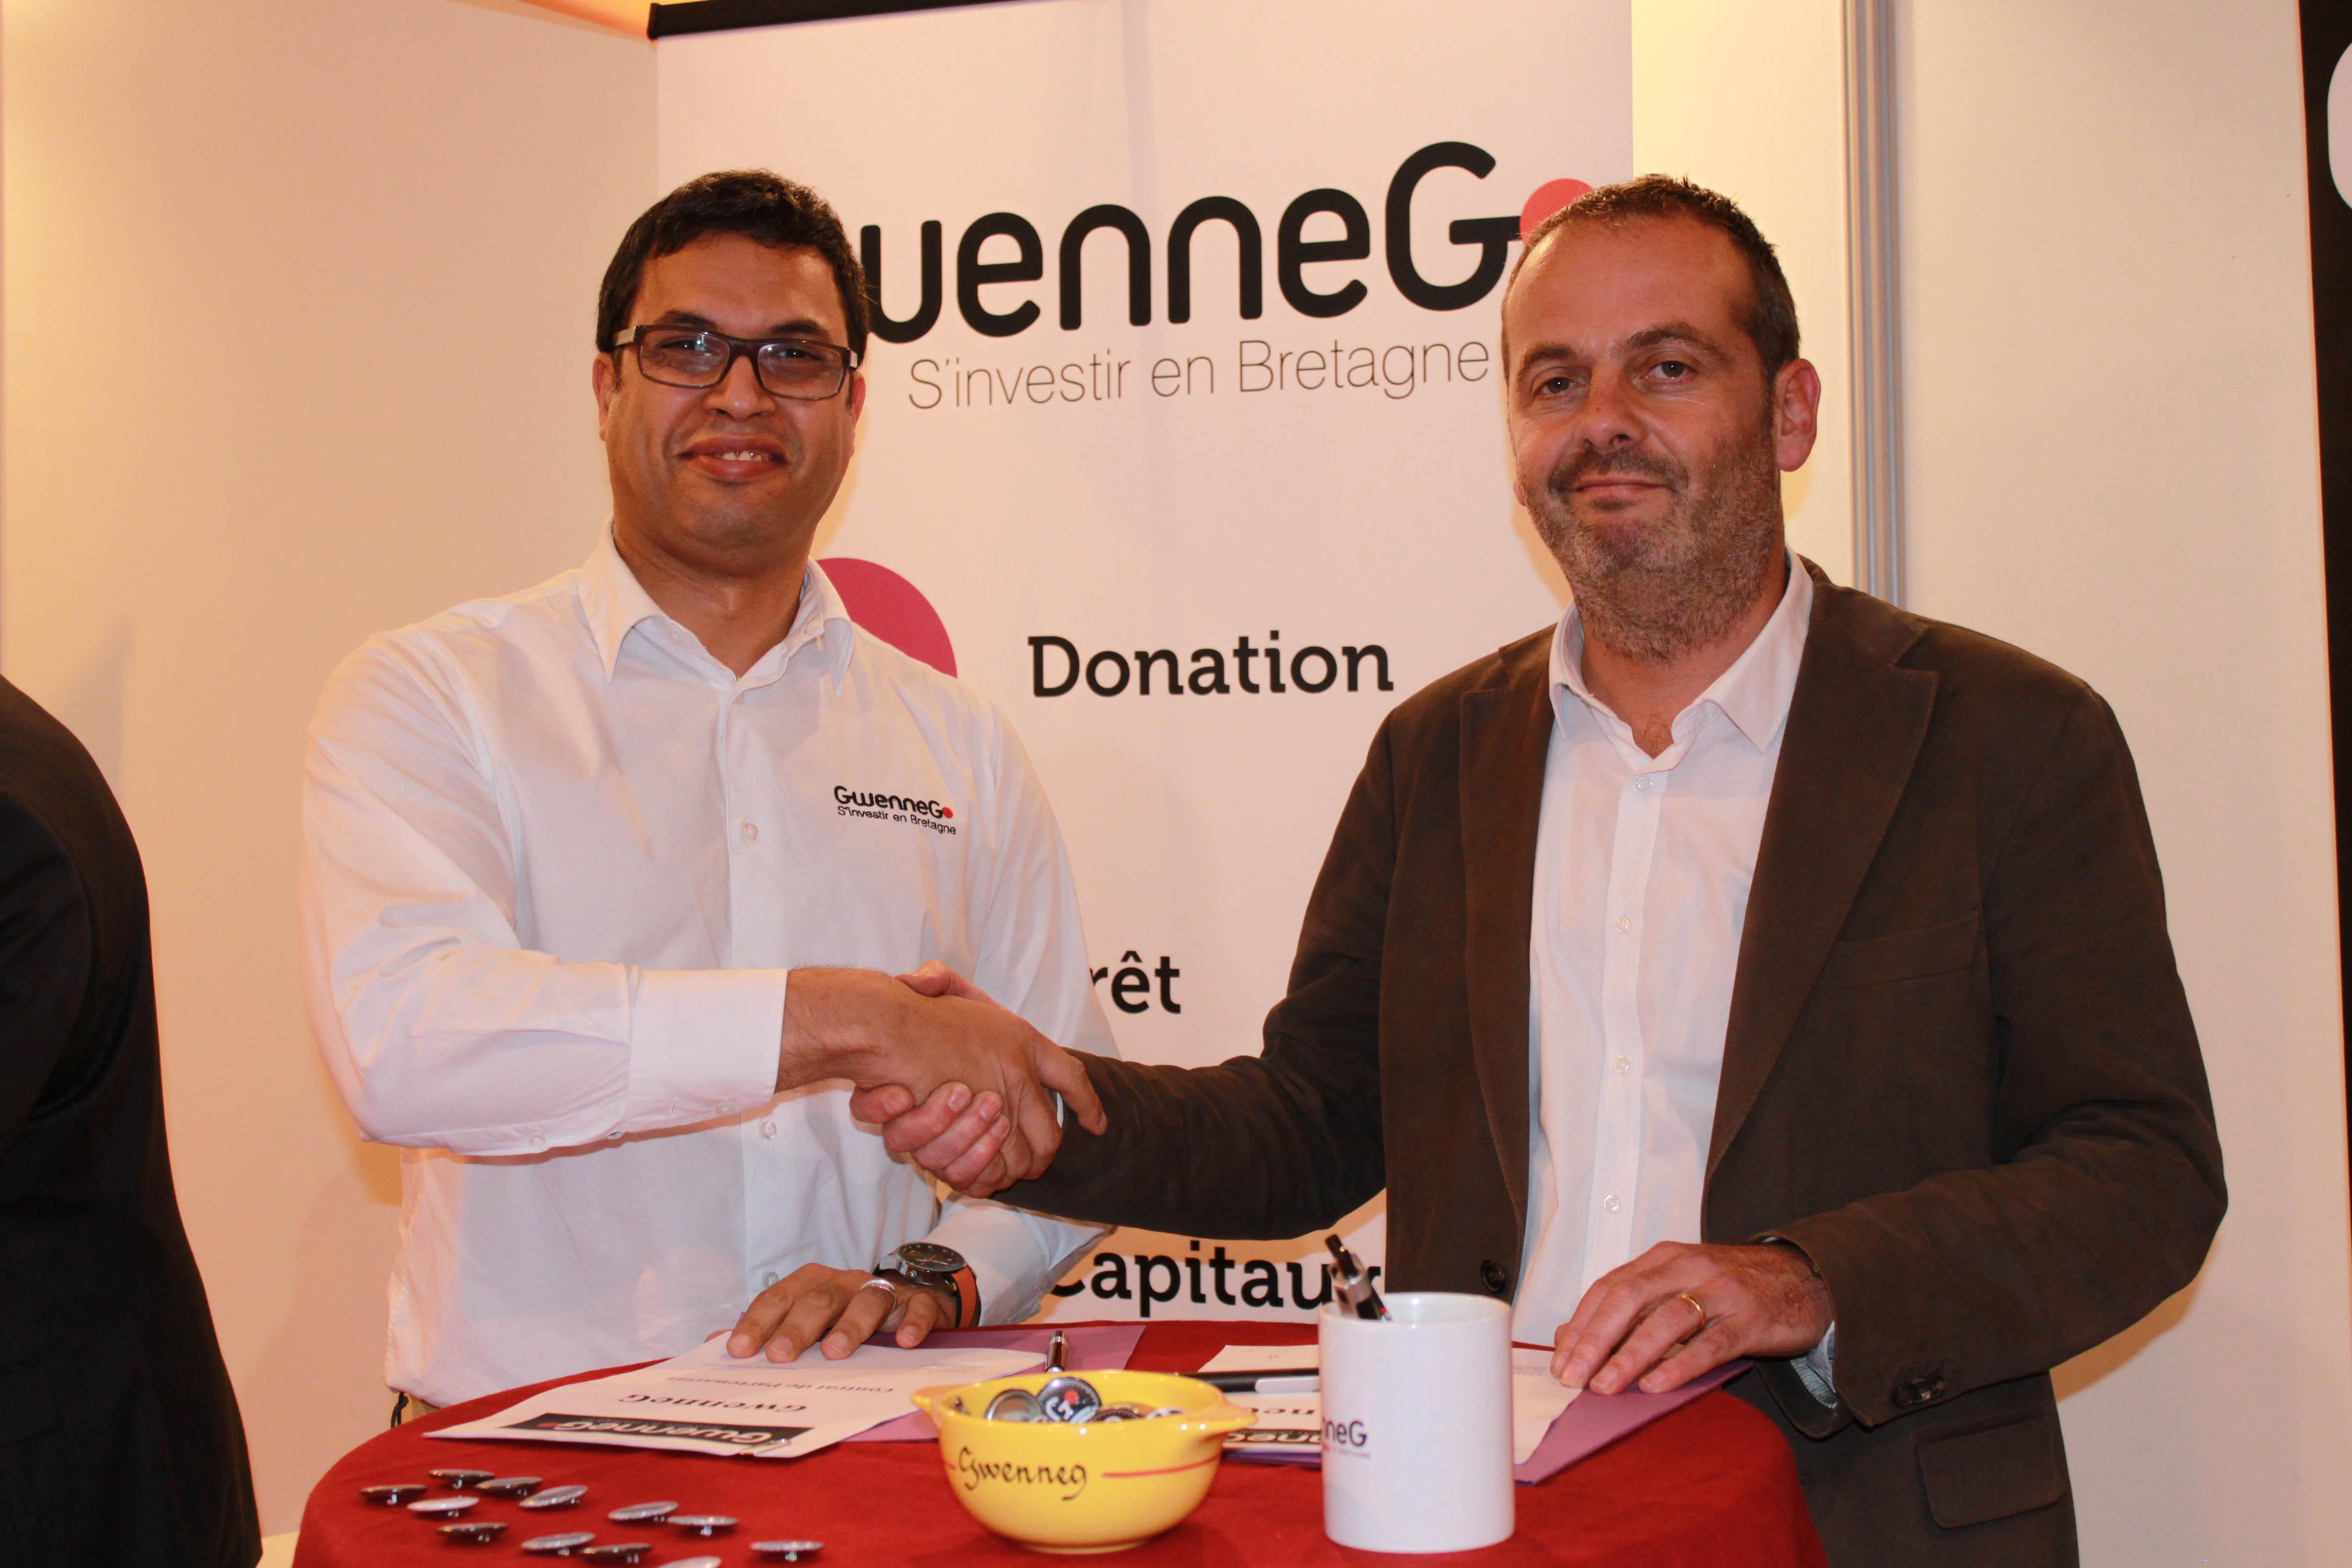 Réseau Entreprendre Bretagne à la sauce GwenneG